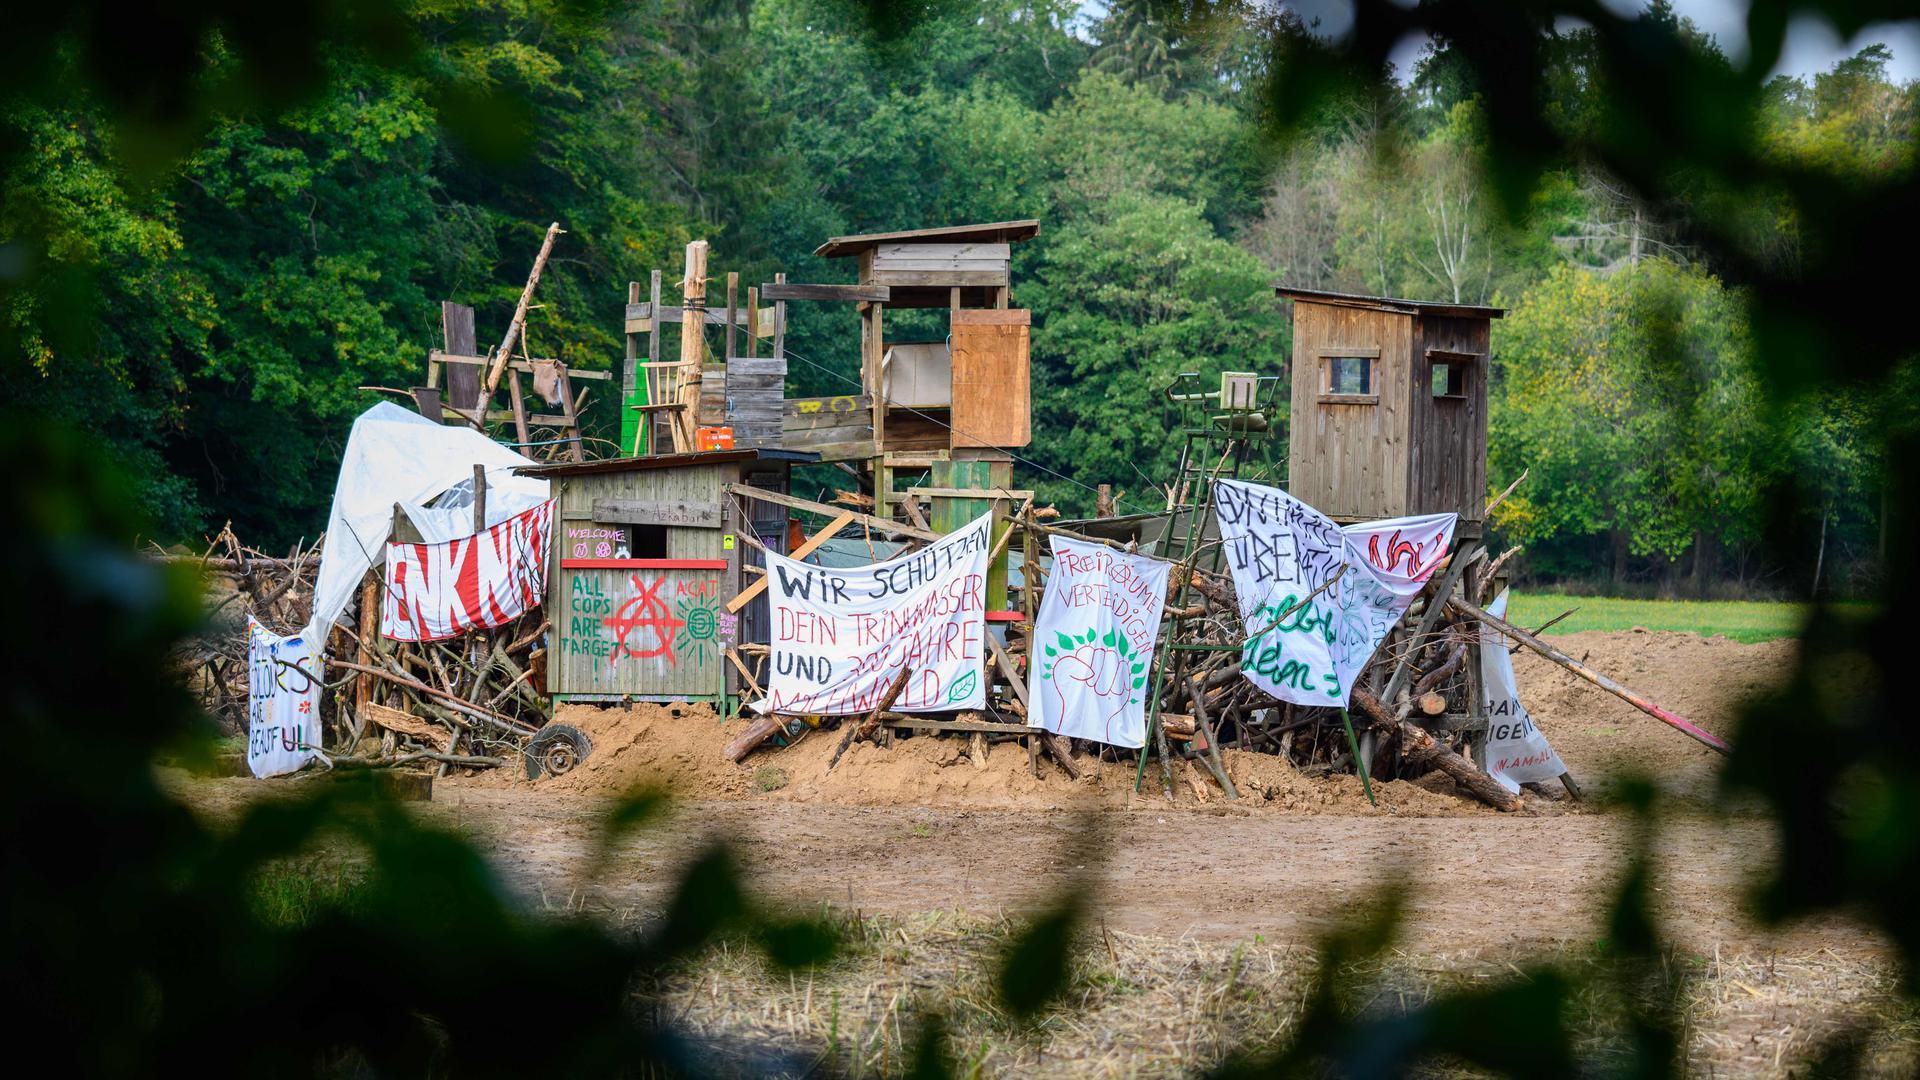 ARCHIV - 03.10.2020, Hessen, Dannenrod: A49 Ausbaugegner haben auf der Rudolfswiese eine Trutzburg, Askaban genannt, aus Hochsitzen und Gehölzen errichtet. Derzeit halten Aktivisten den Dannenröder Forst besetzt und demonstrieren damit gegen den geplanten Ausbau der A49 und für den Erhalt des Waldstücks, das dem geplanten Ausbau zum Opfer fallen würde.   (zu dpa «A49-Protest mit vielen Gesichtern») Foto: Andreas Arnold/dpa +++ dpa-Bildfunk +++   Verwendung weltweit